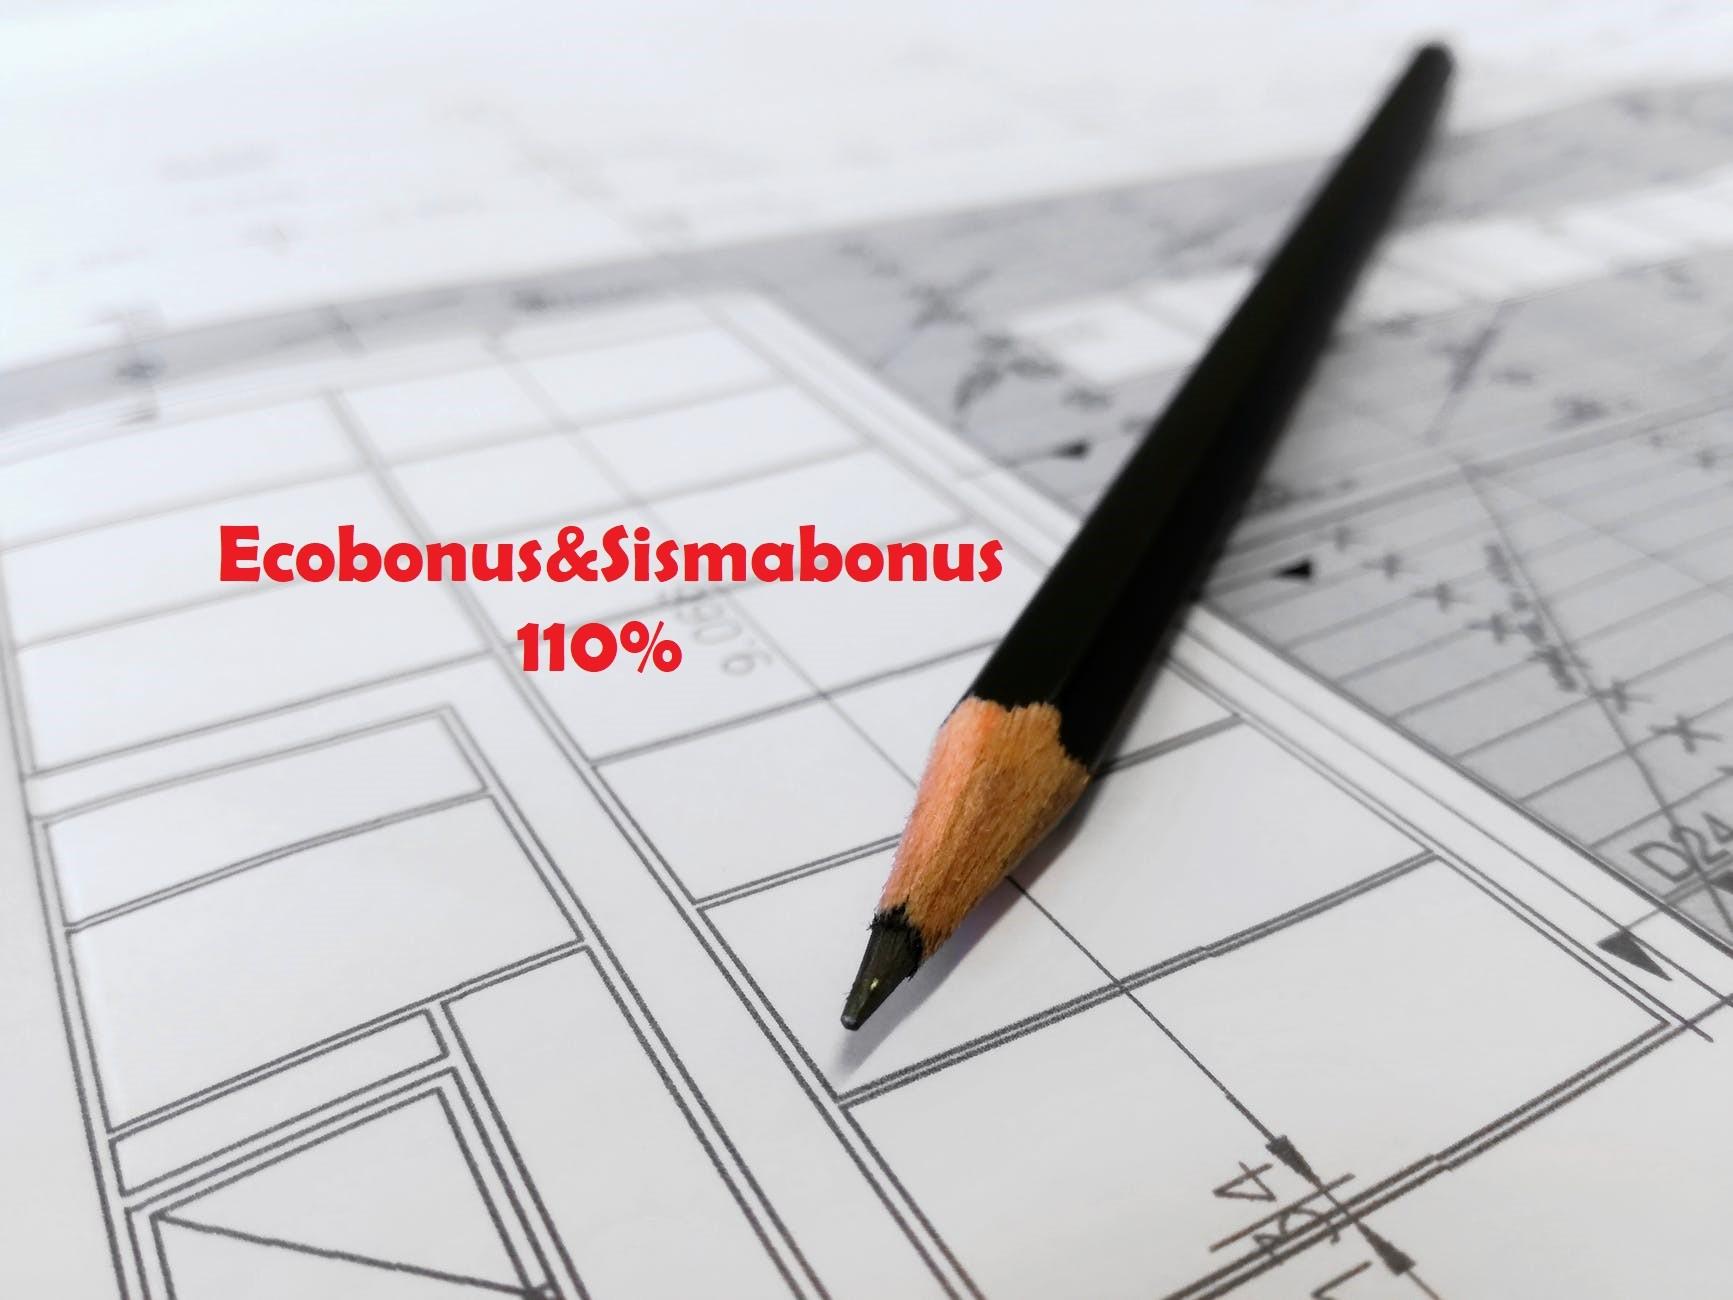 Svantaggi Caldaie A Condensazione riqualificazione edilizia con l'ecobonus al 110%: vantaggi e